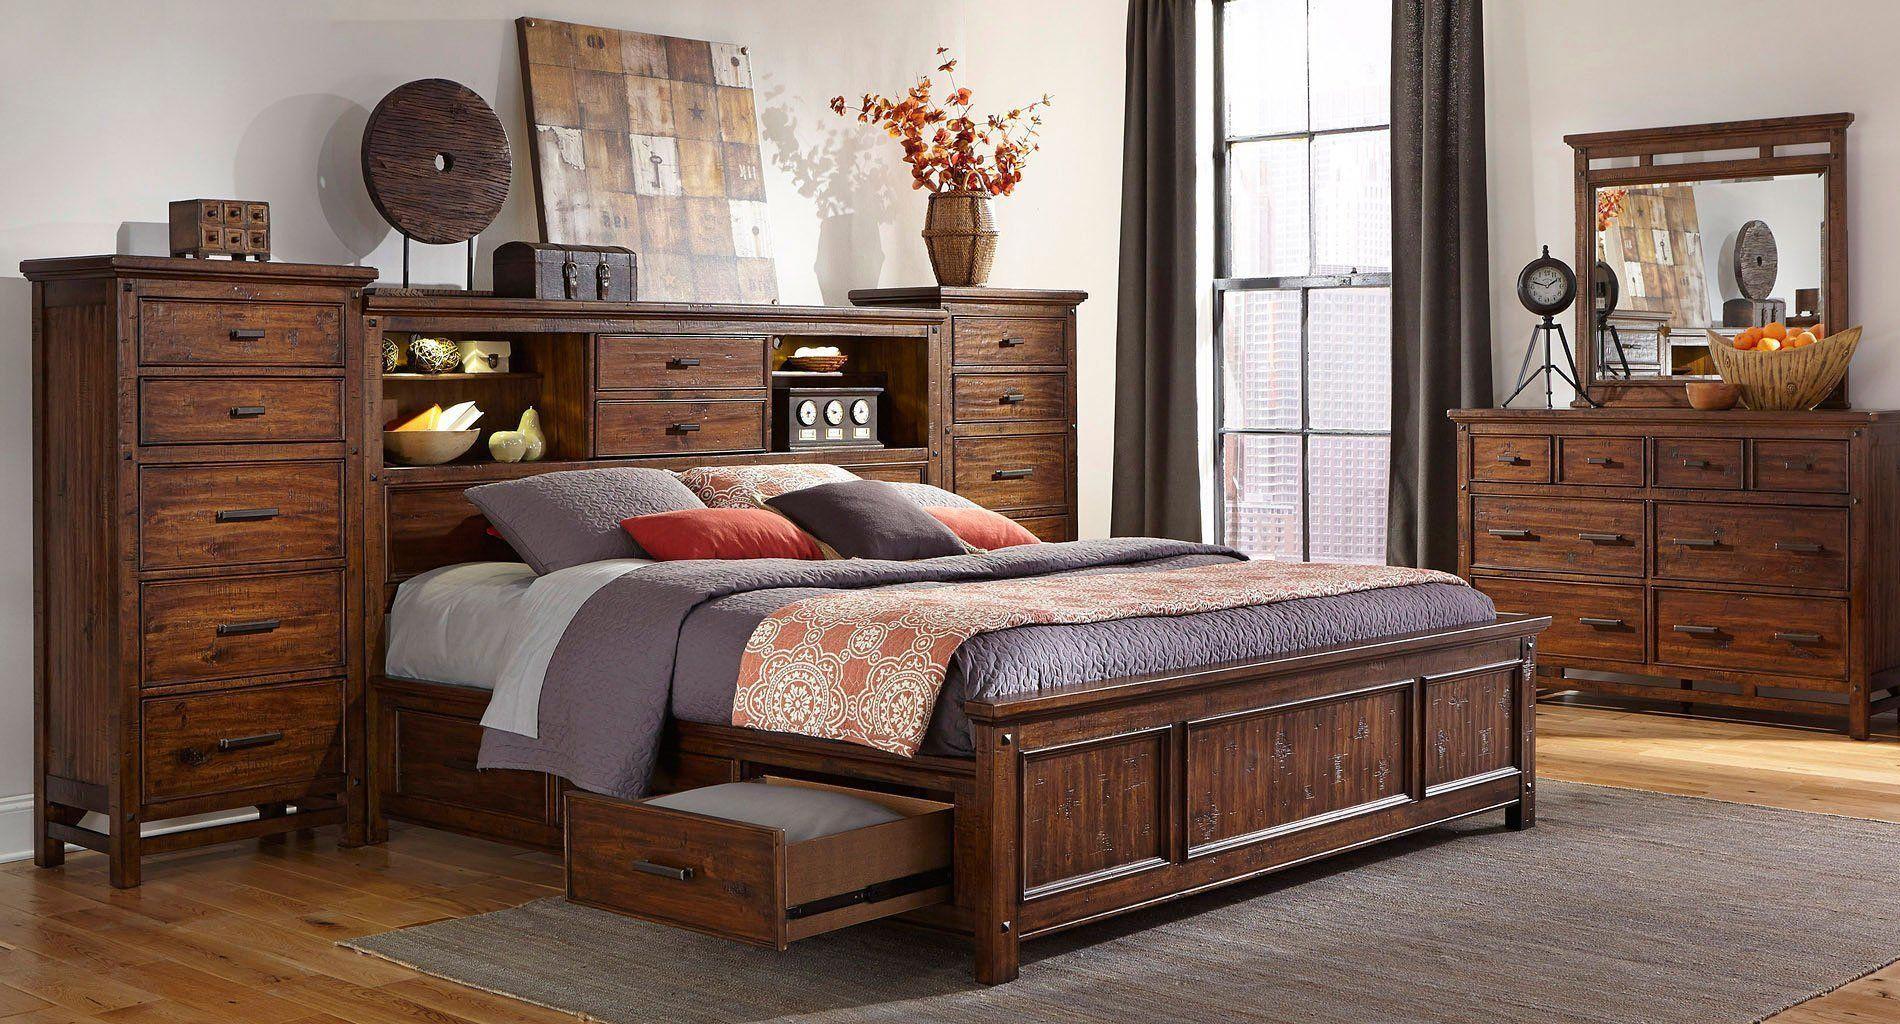 bedroomsets Furniture, Bookcase bed, Bedroom furniture sets